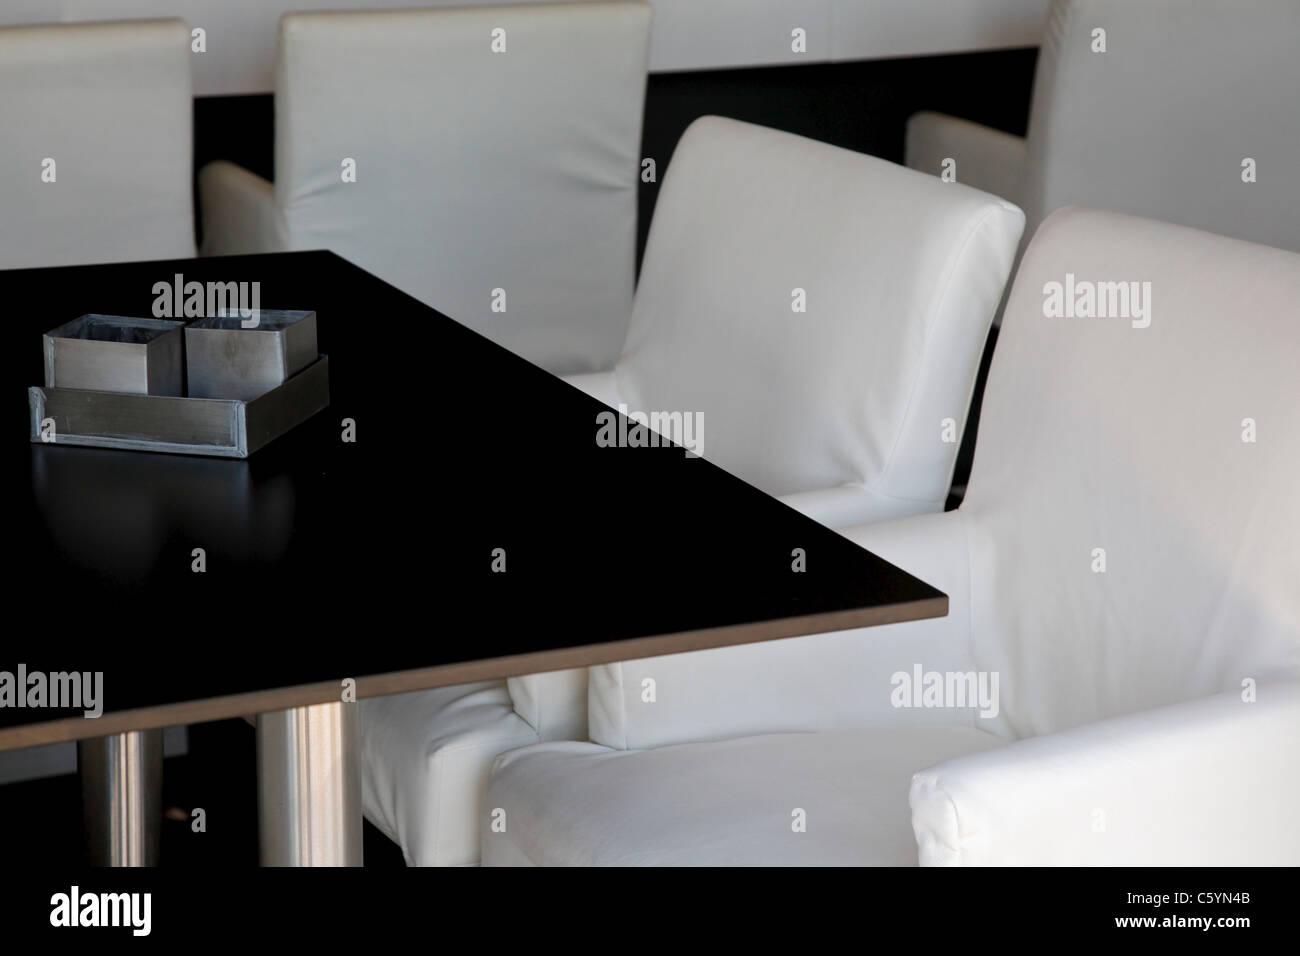 Einige bequeme aussehende Stühle in einer Bar eine leere schwarze Tabelle Stockbild